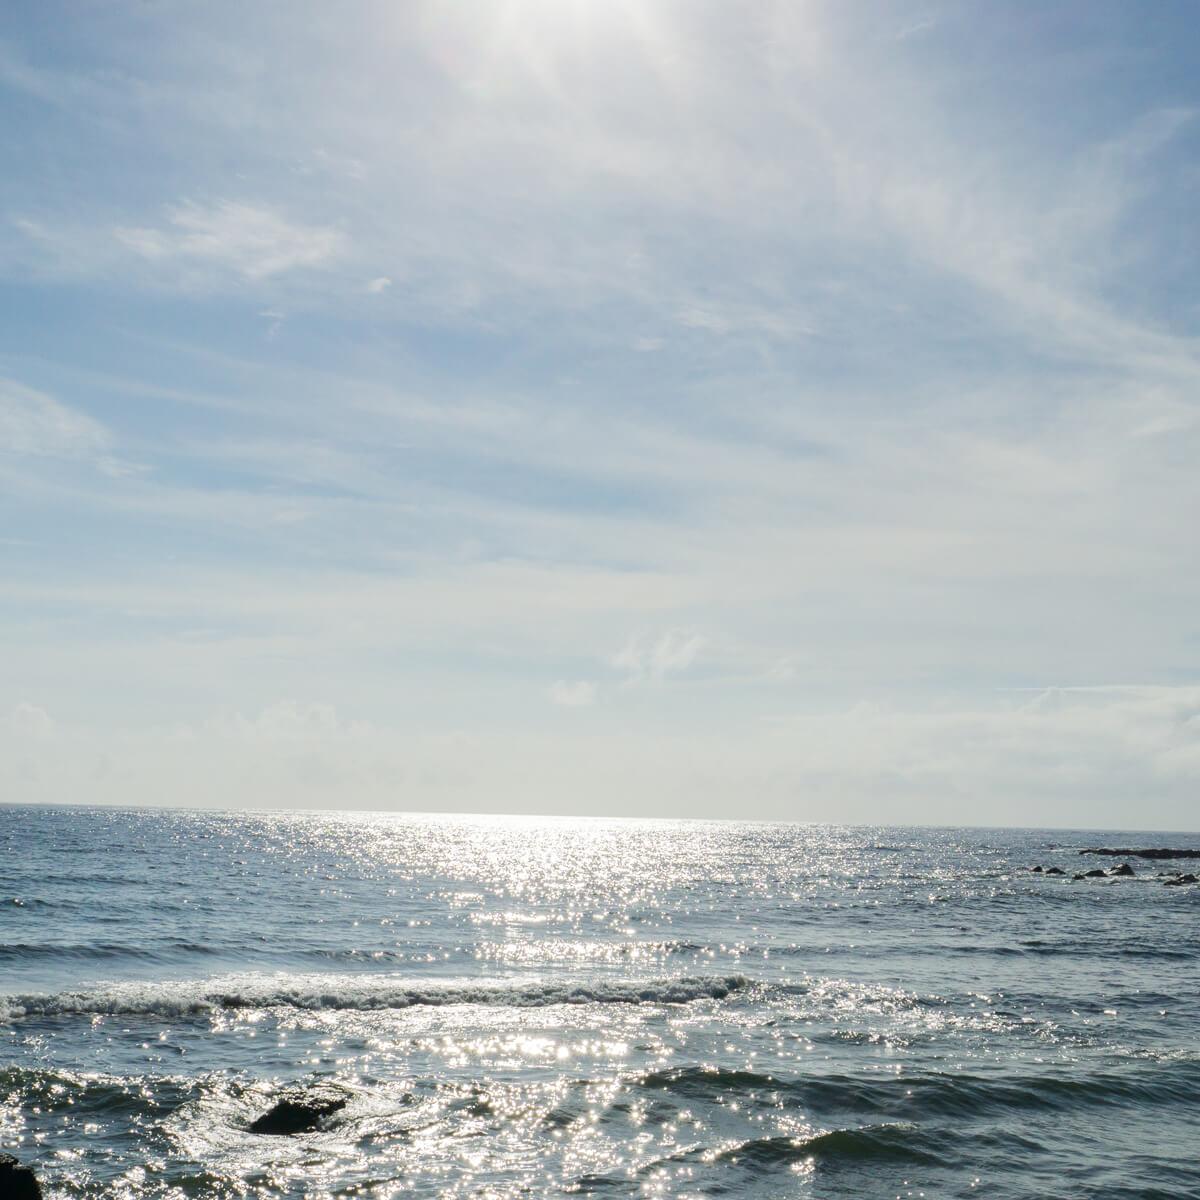 屋久島の海、空、キラキラ 屋久島海とジュエリー 屋久島でオーダーメイドジュエリー